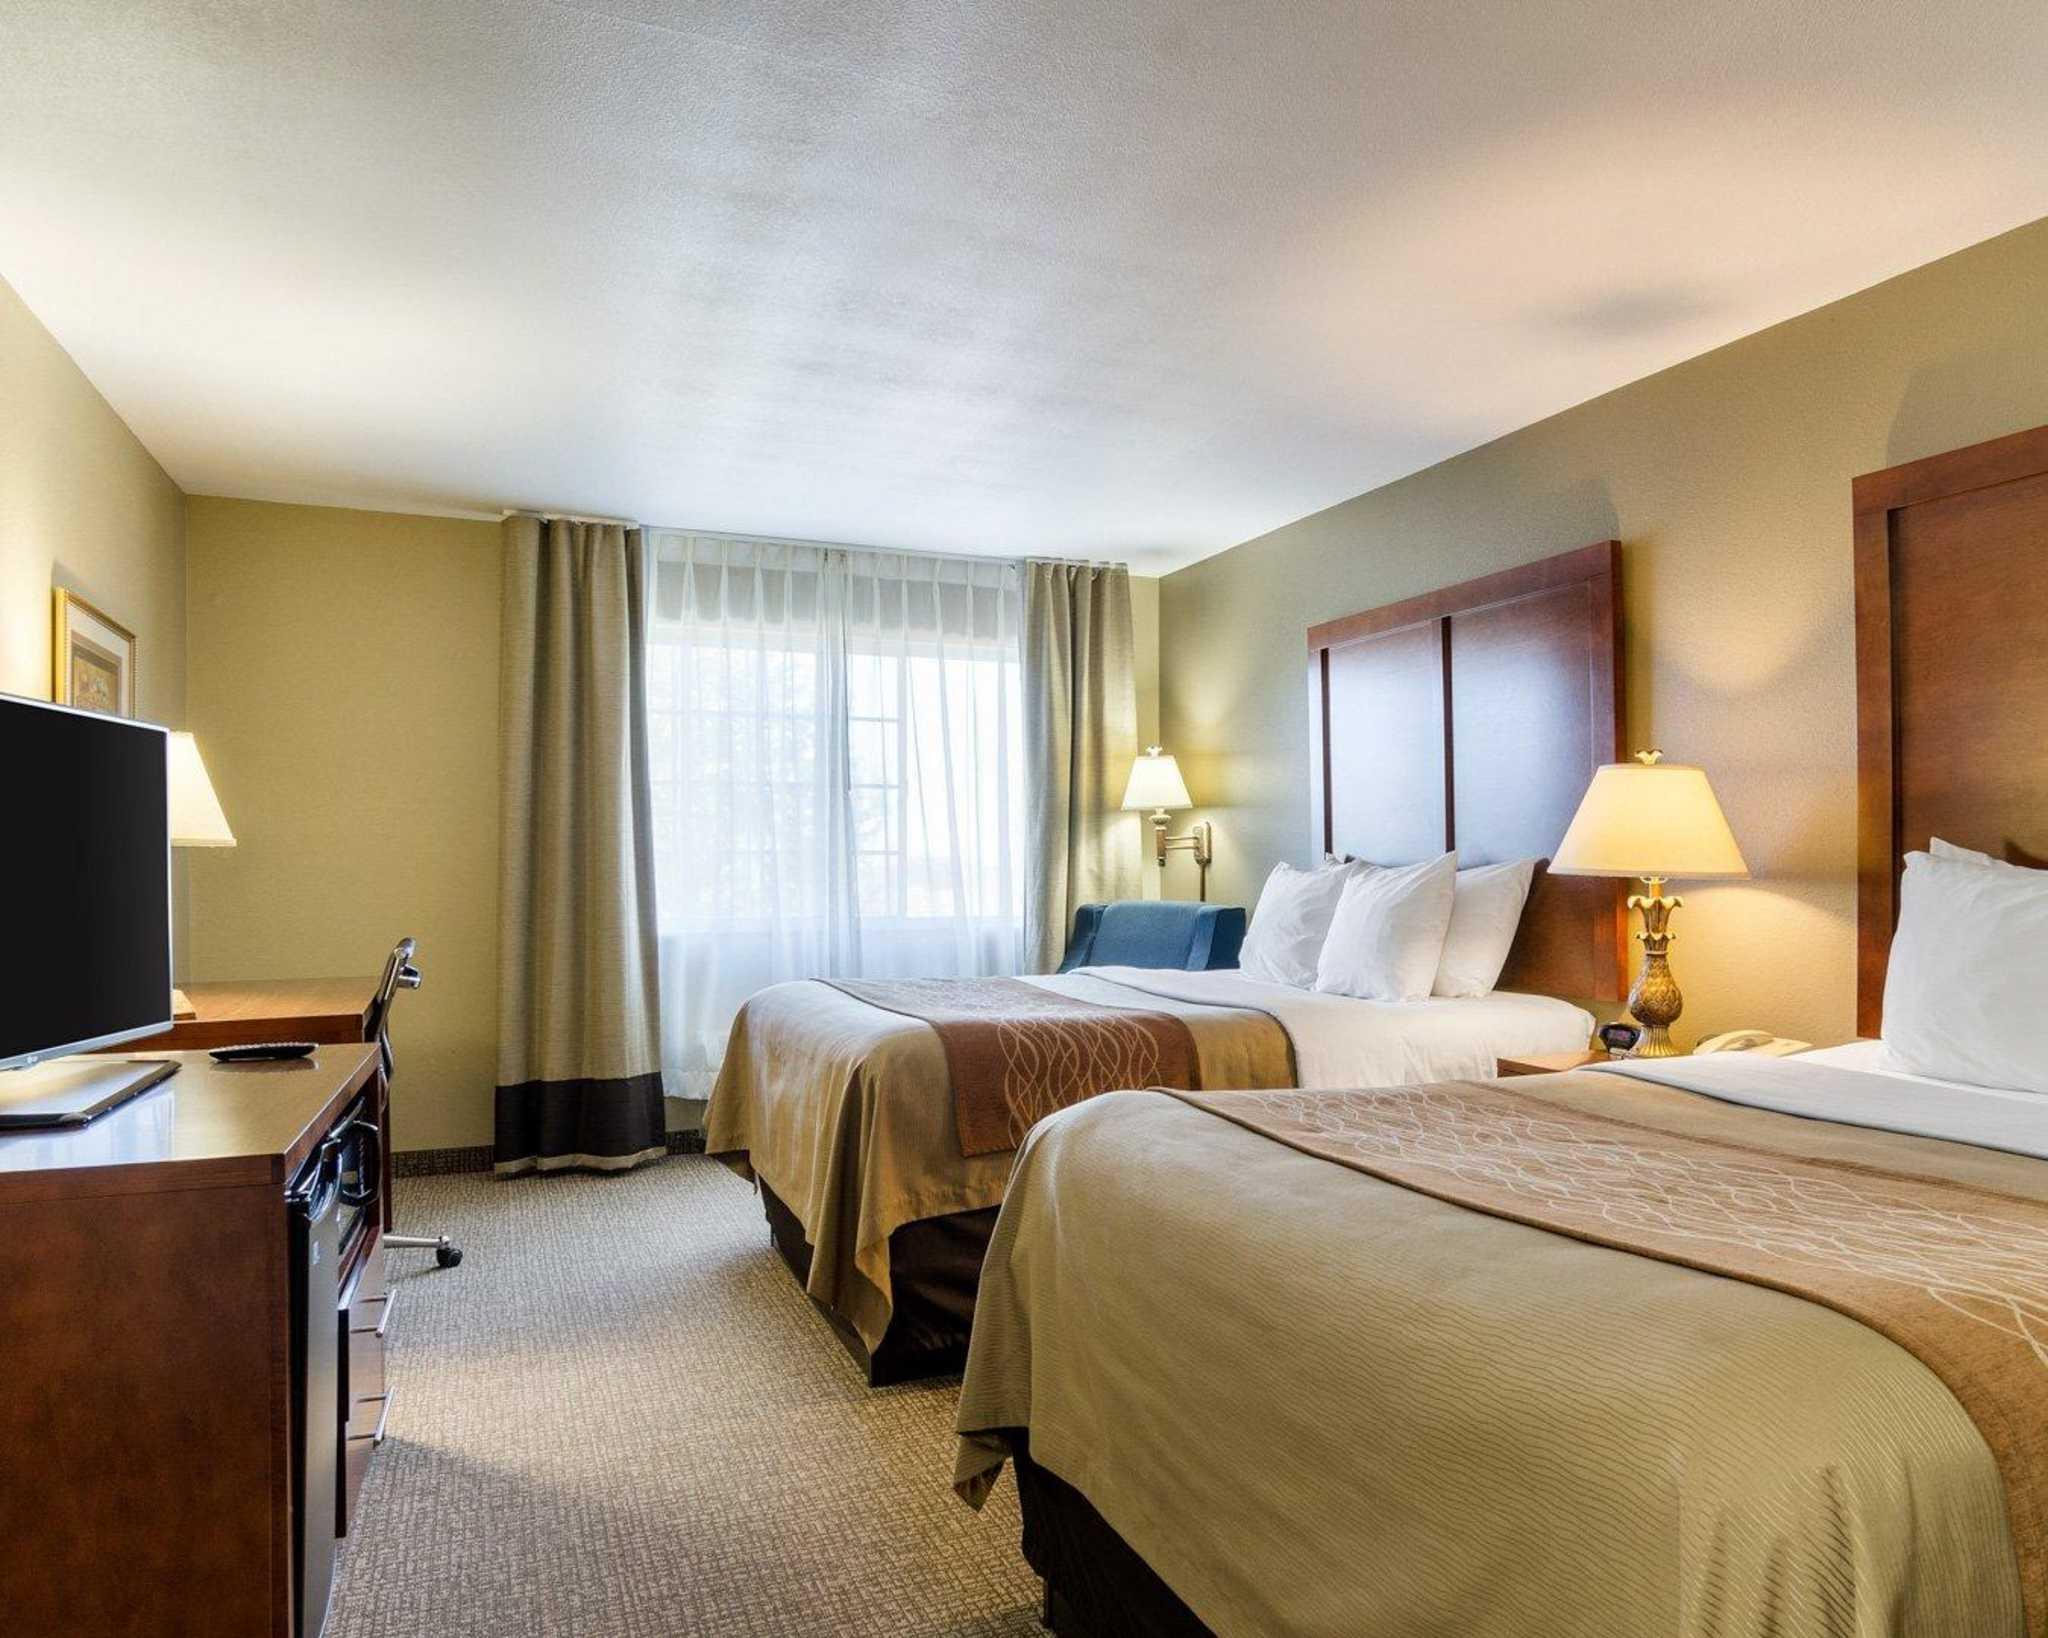 Hotel Rooms In Emporia Kansas